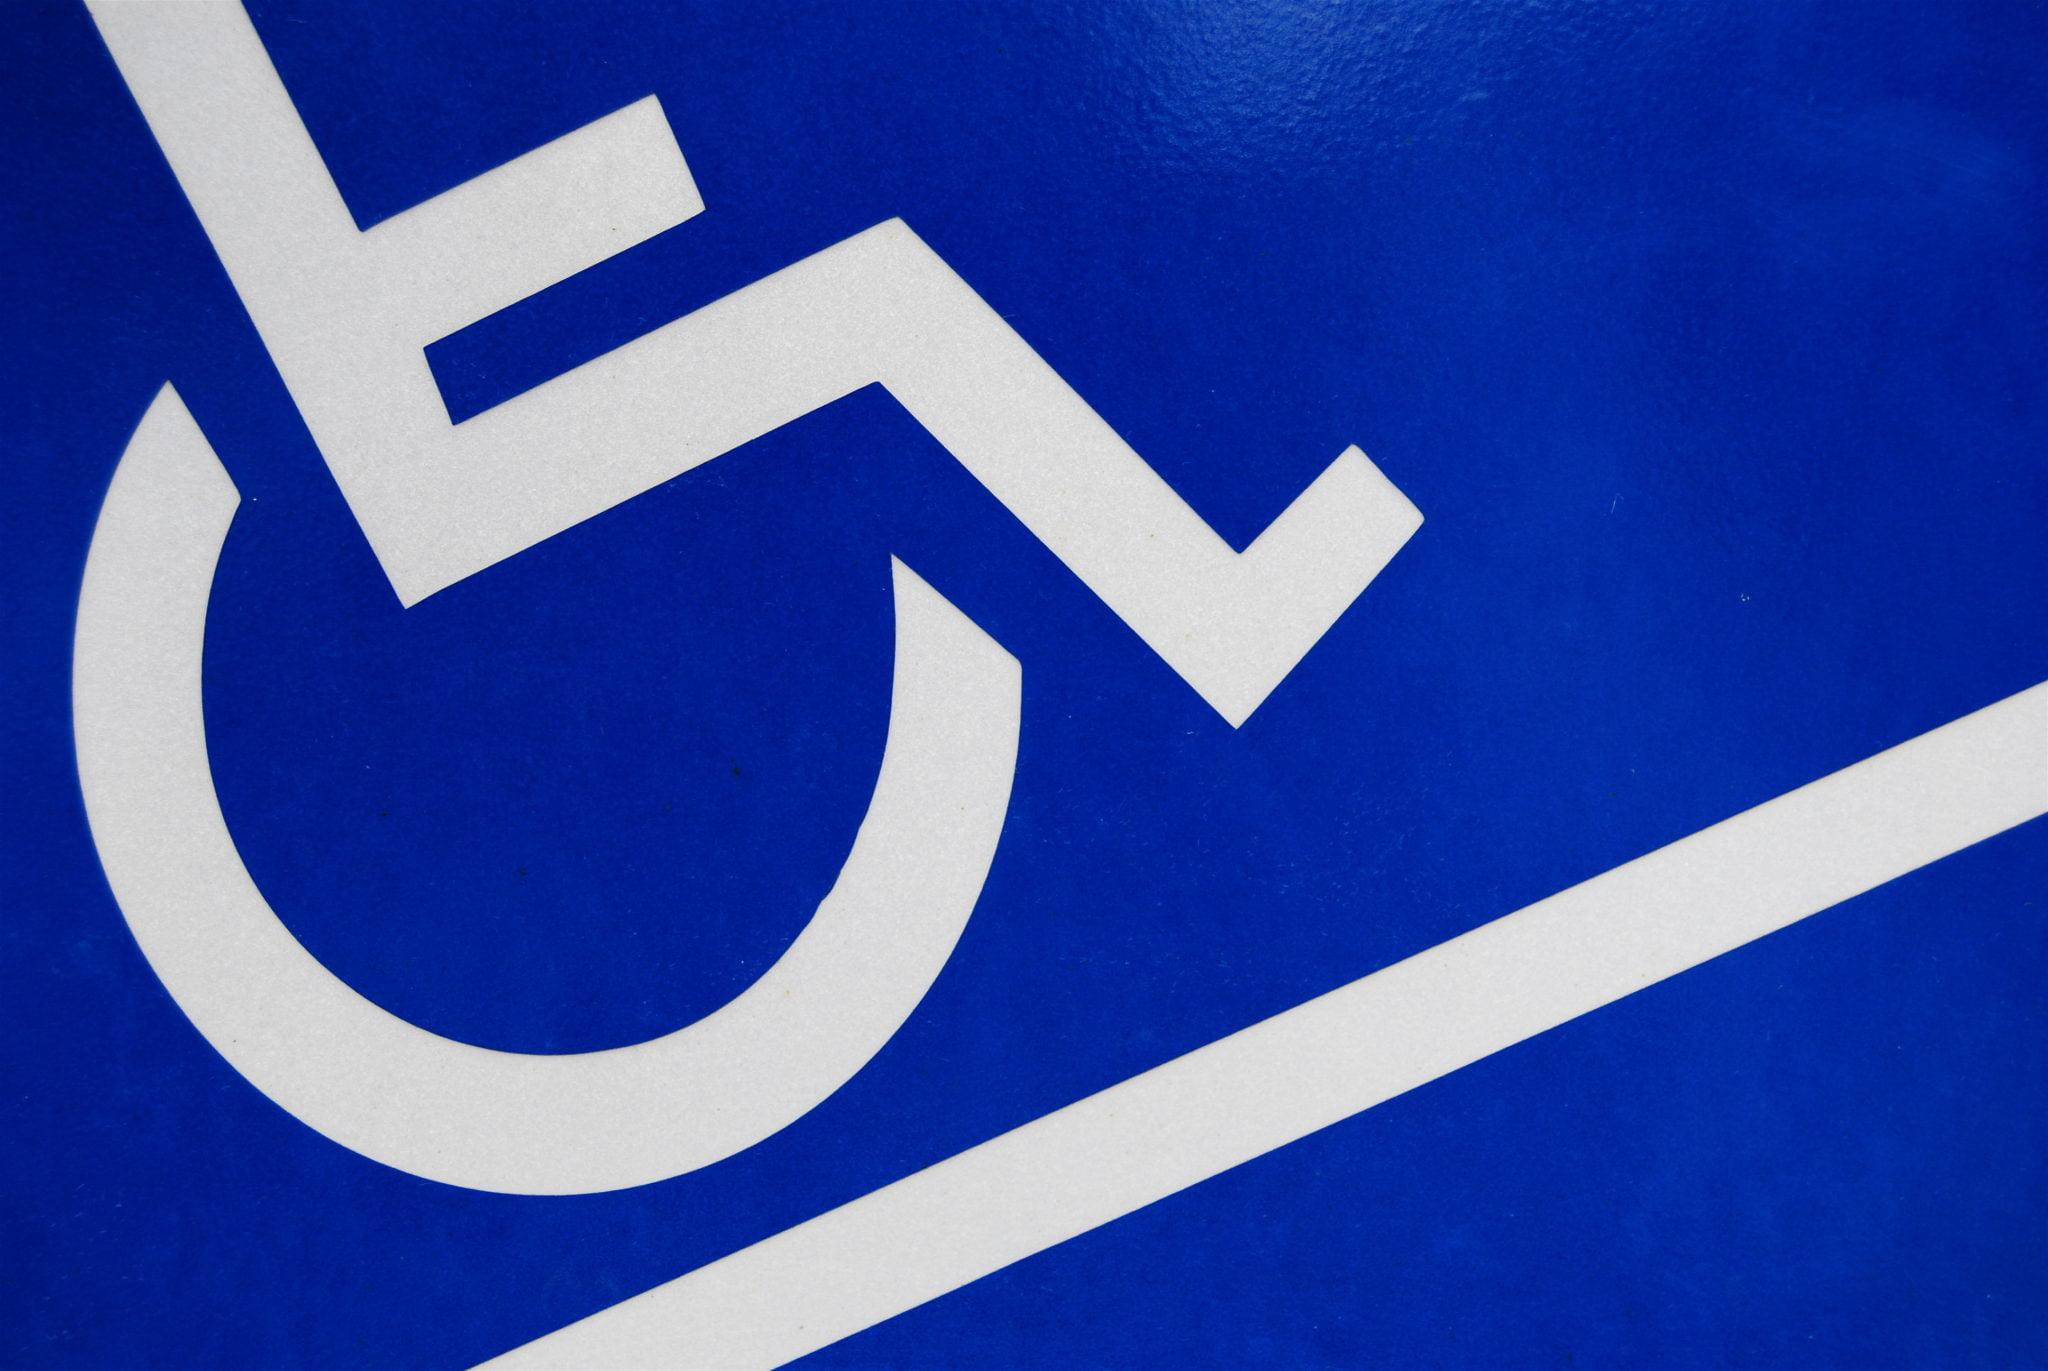 Persoanele cu dizabilități pot beneficia de servicii de mediere a muncii și de dispozitive asistive, prin AJOFM Neamț